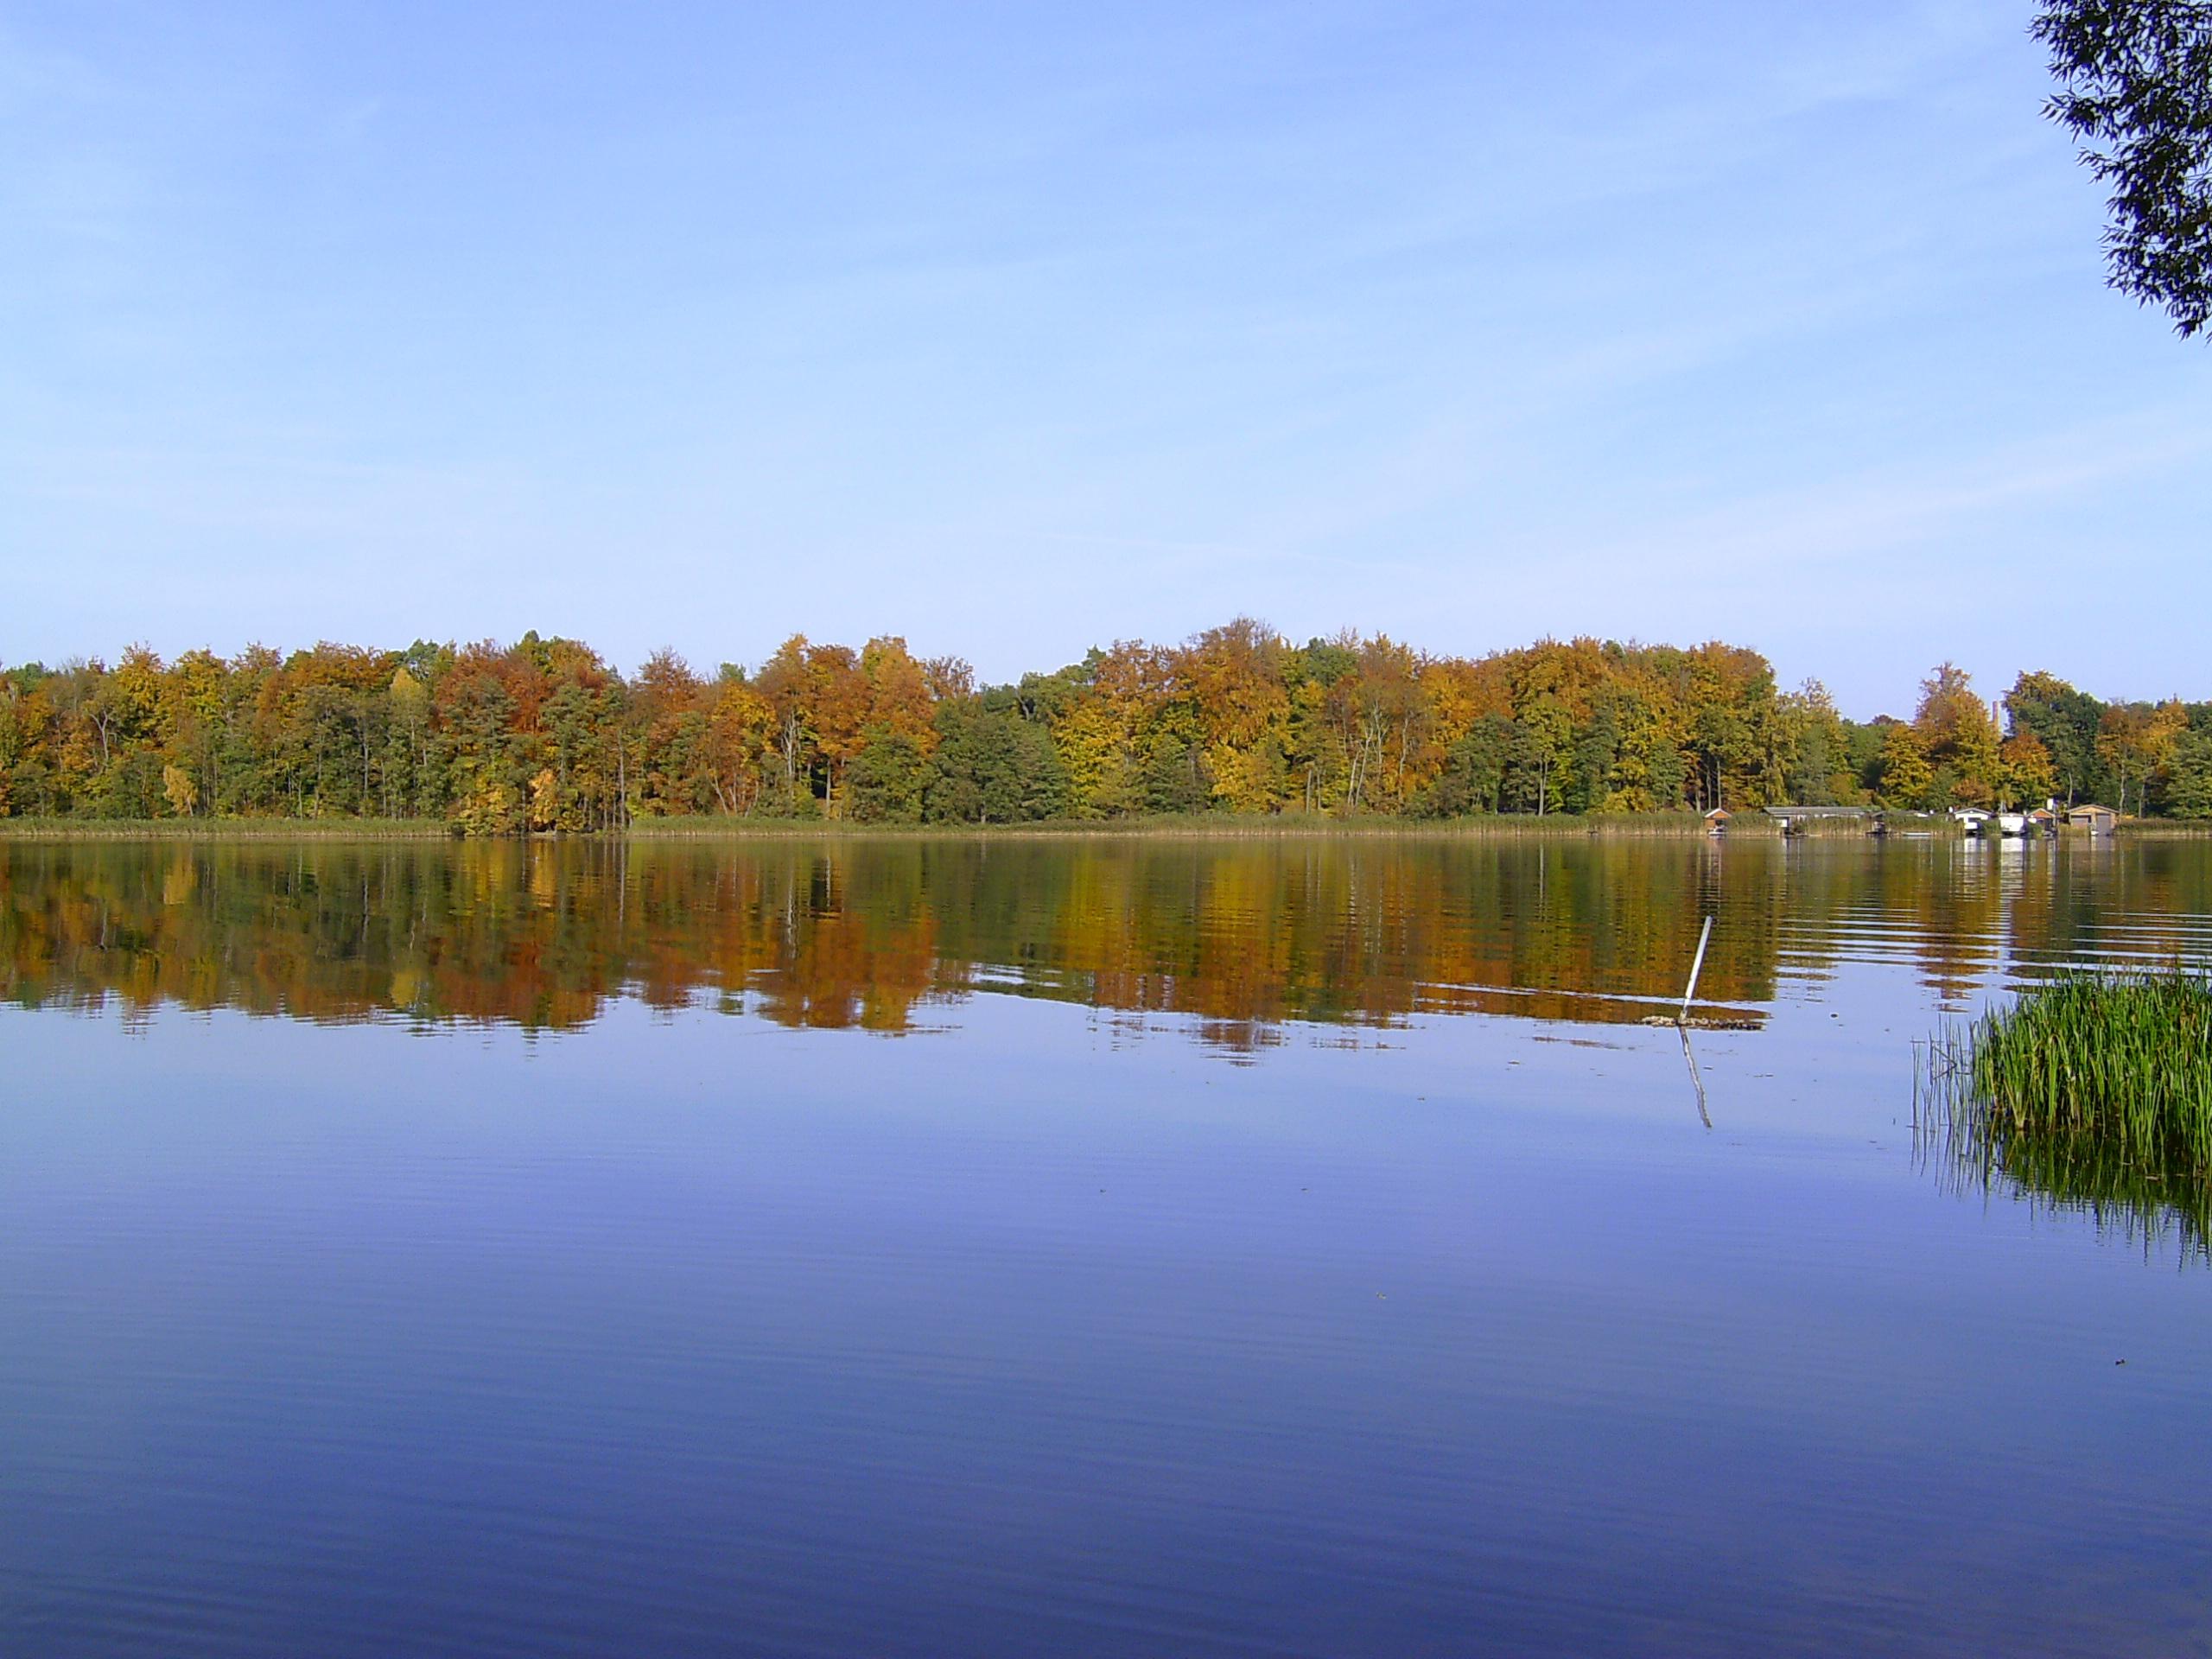 Ein See. Blauer Himmel. Im Hintergrund Bäume.